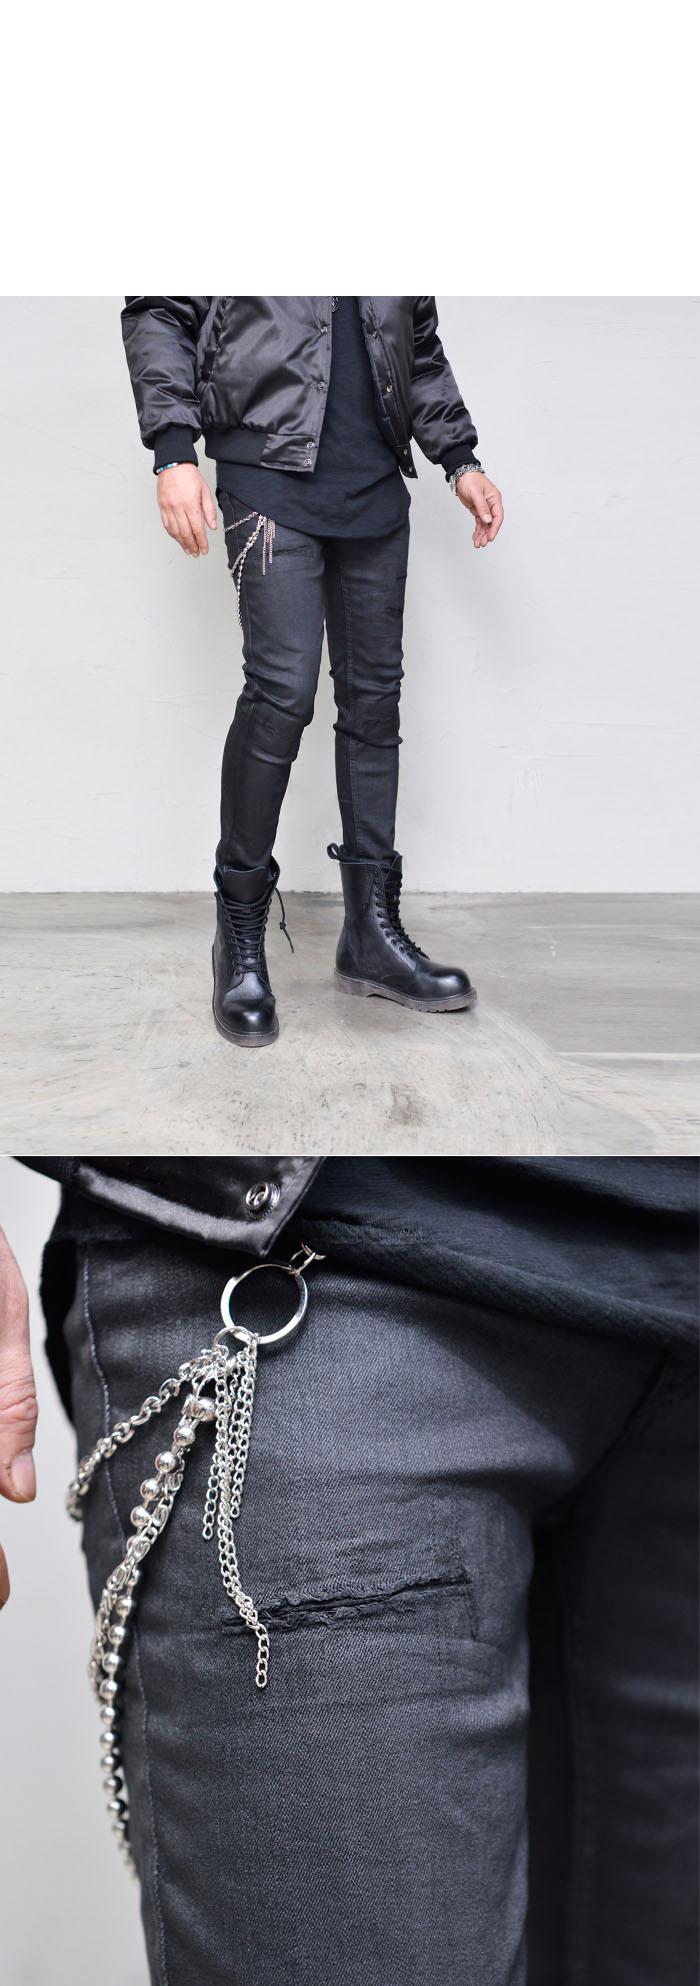 Bottoms Jeans Coating Knife Cut Damage Black Jeans